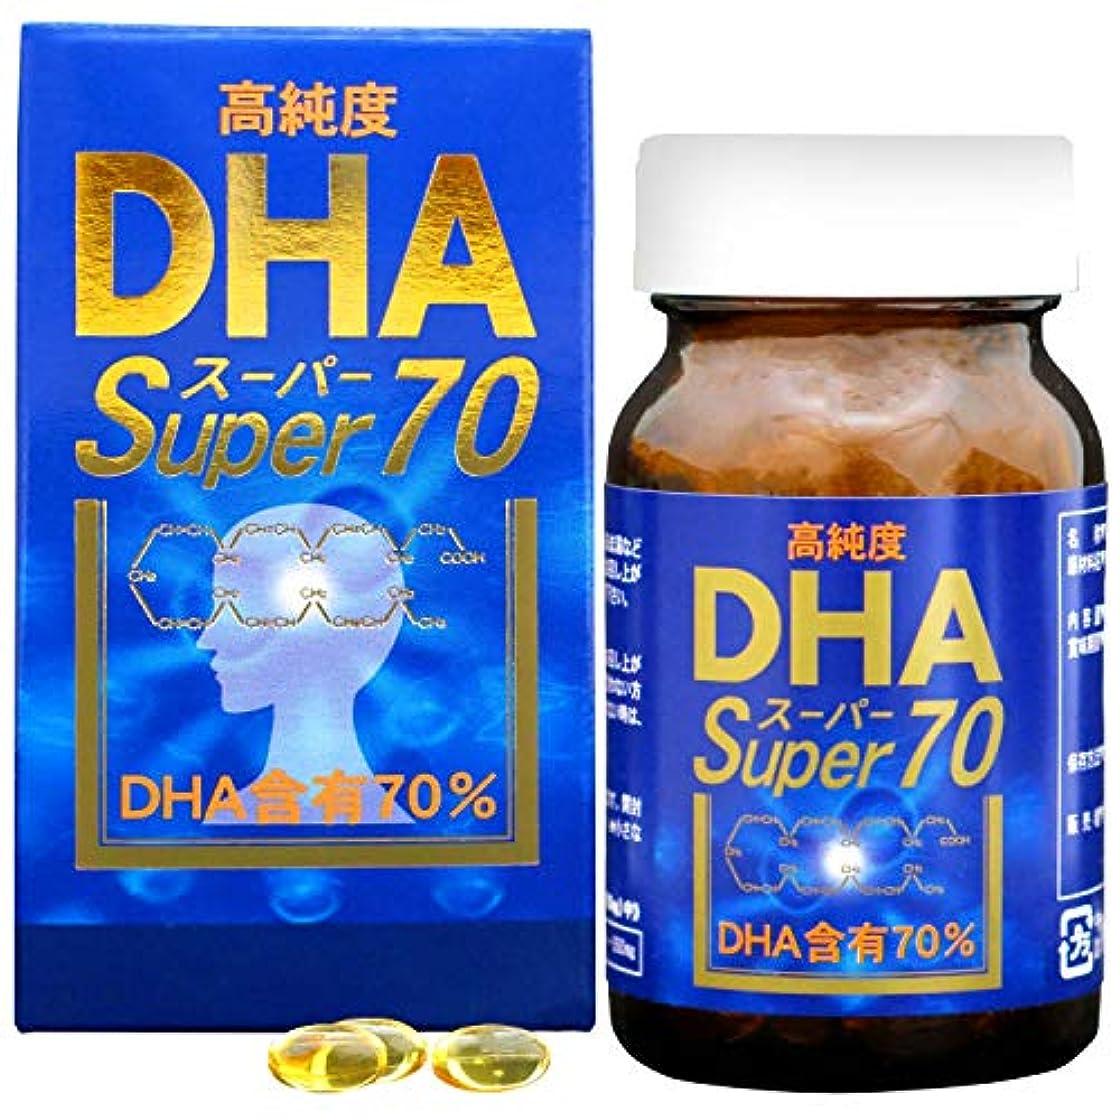 自発的想像力豊かなスカリーユウキ製薬 DHAスーパー70 30日分 60球